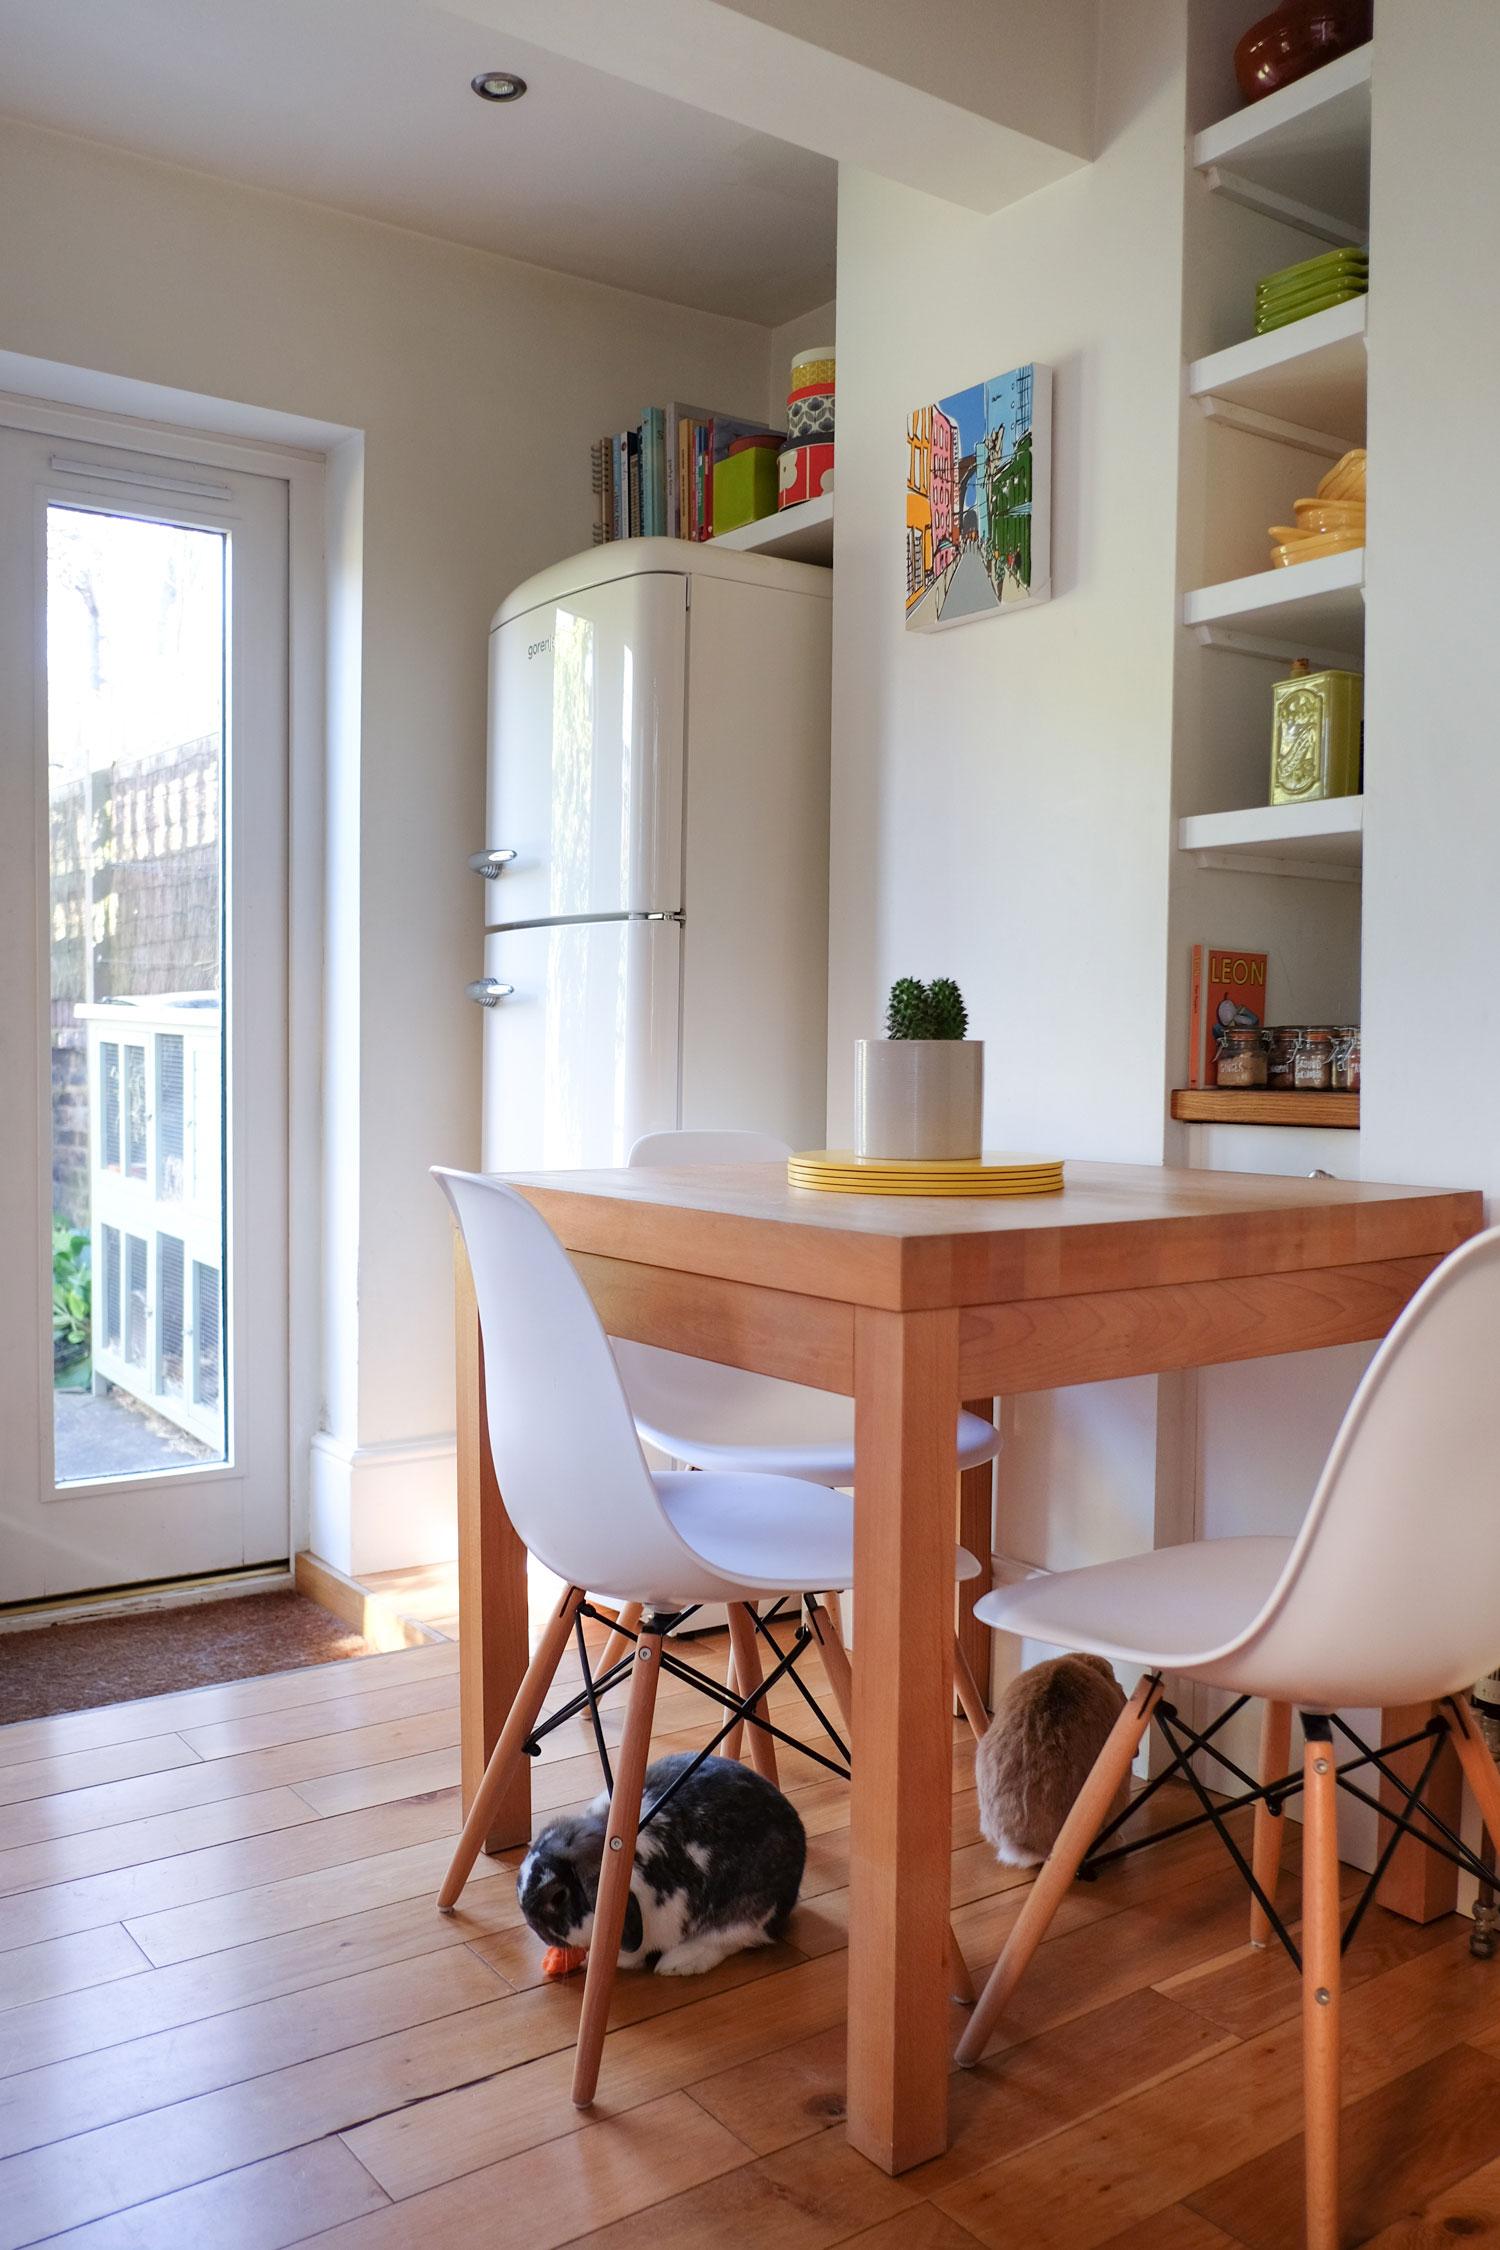 interiordesign_clairehartley-kitchen